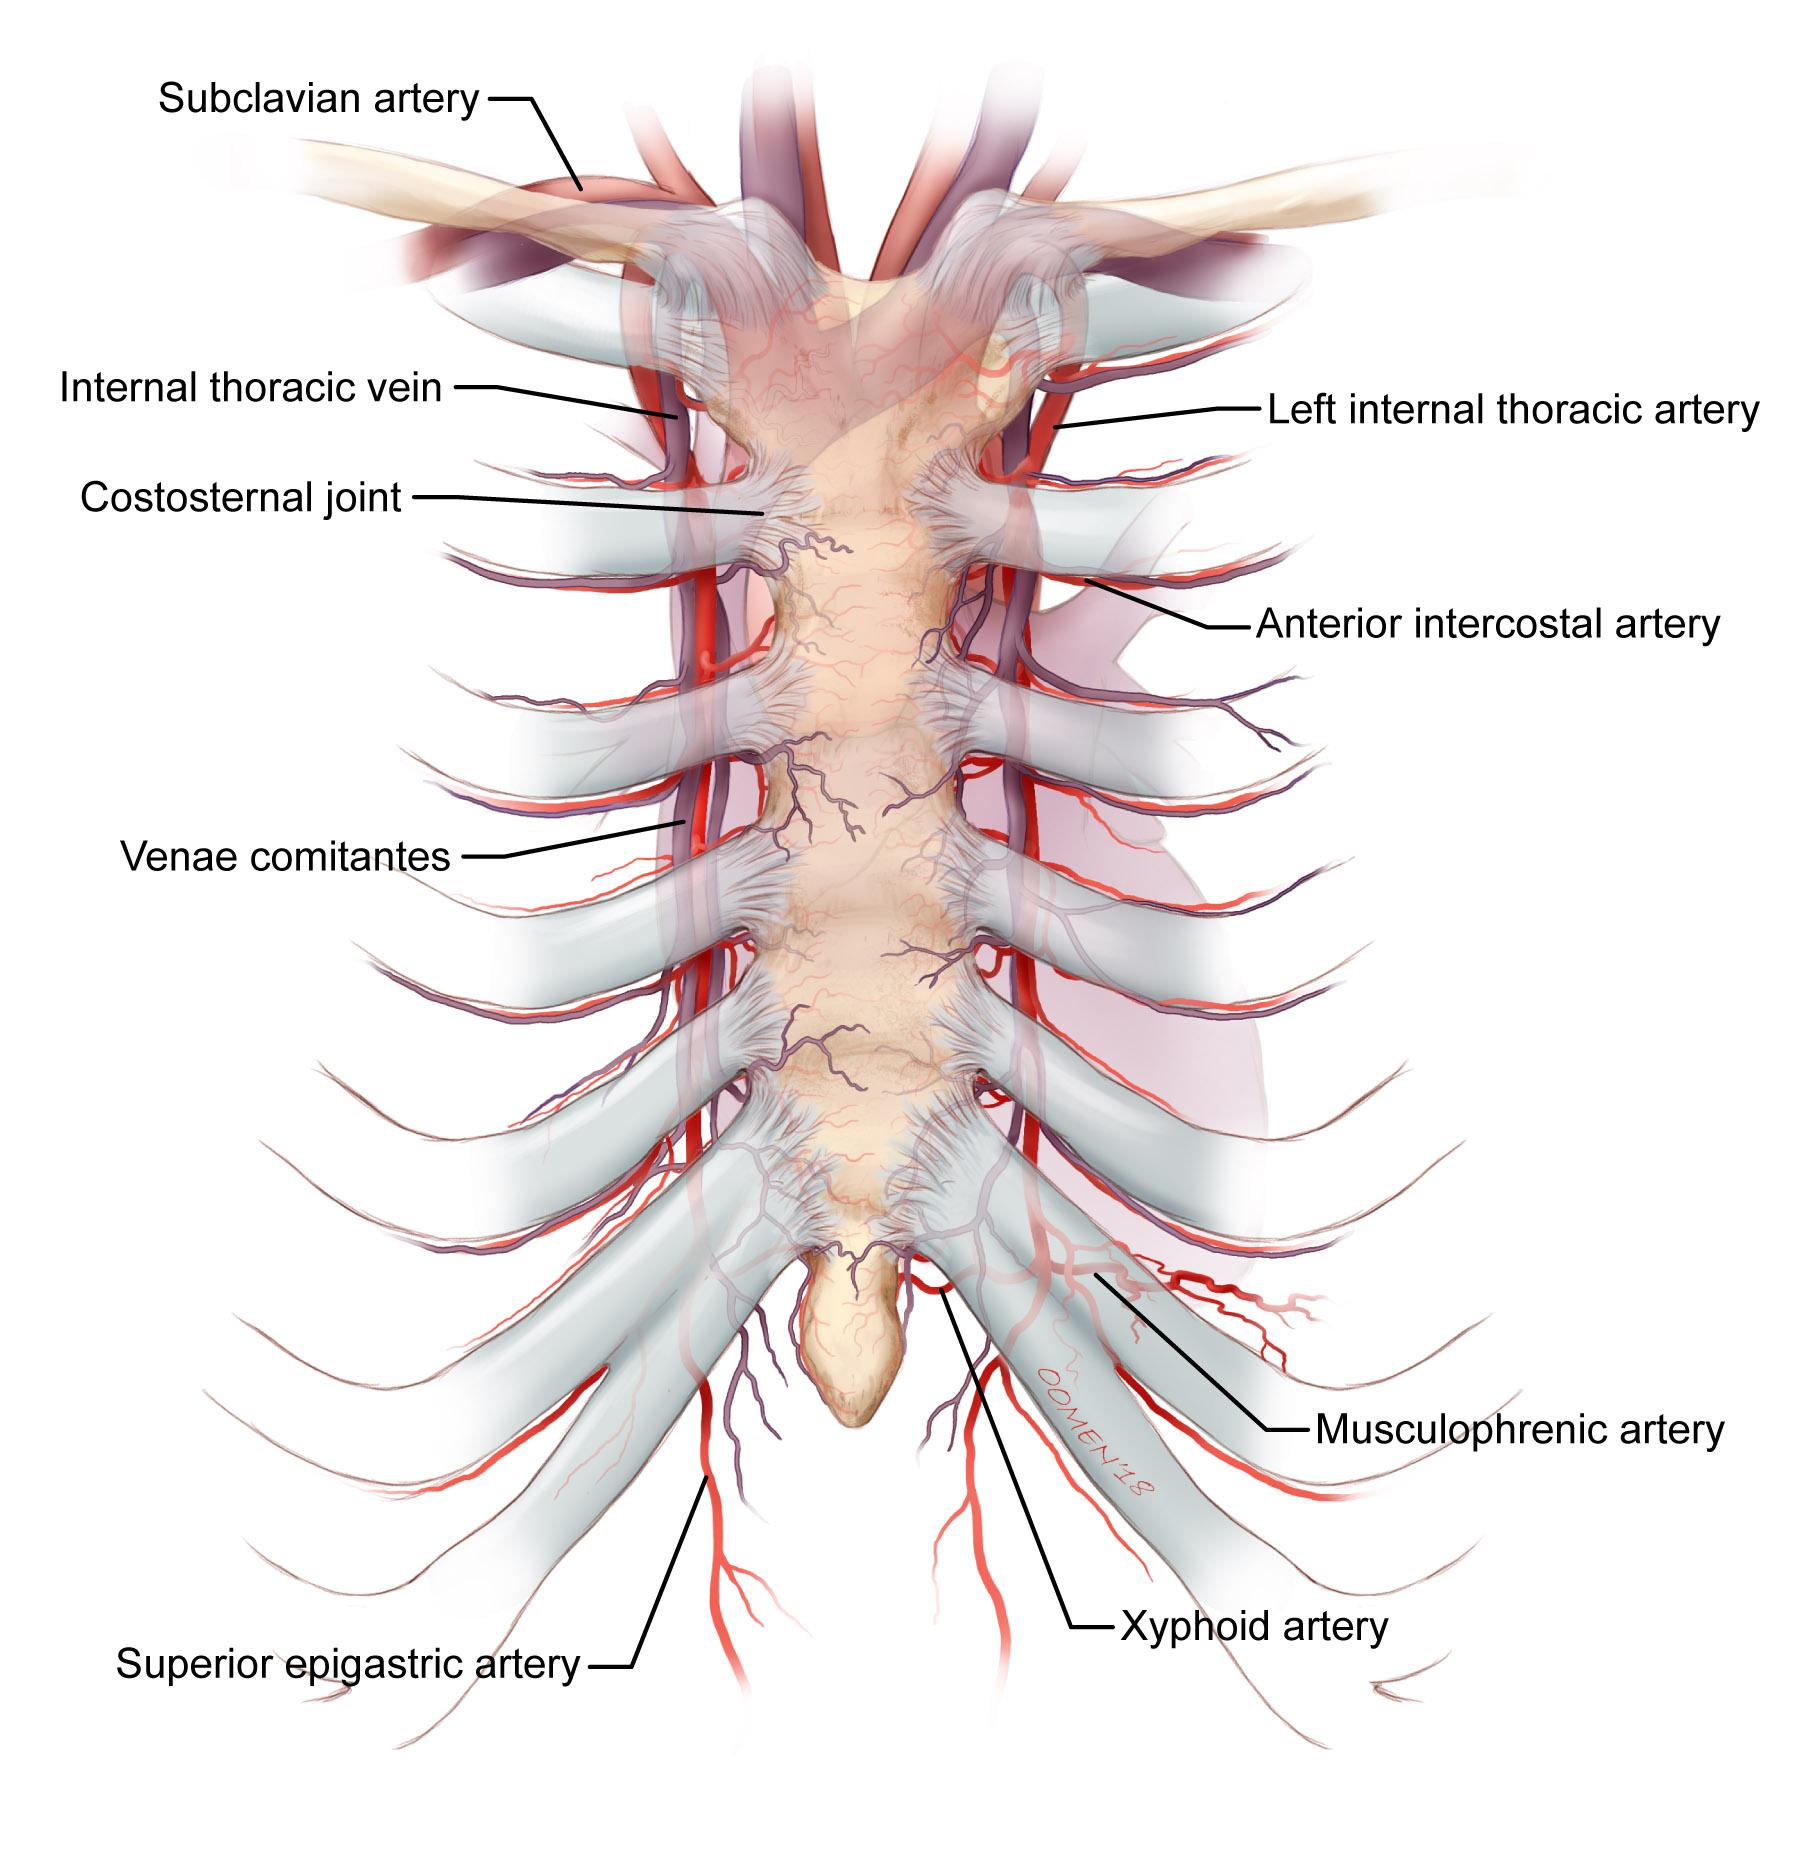 General sternum anatomy. Copyright 2018 Oomen/Gandhi